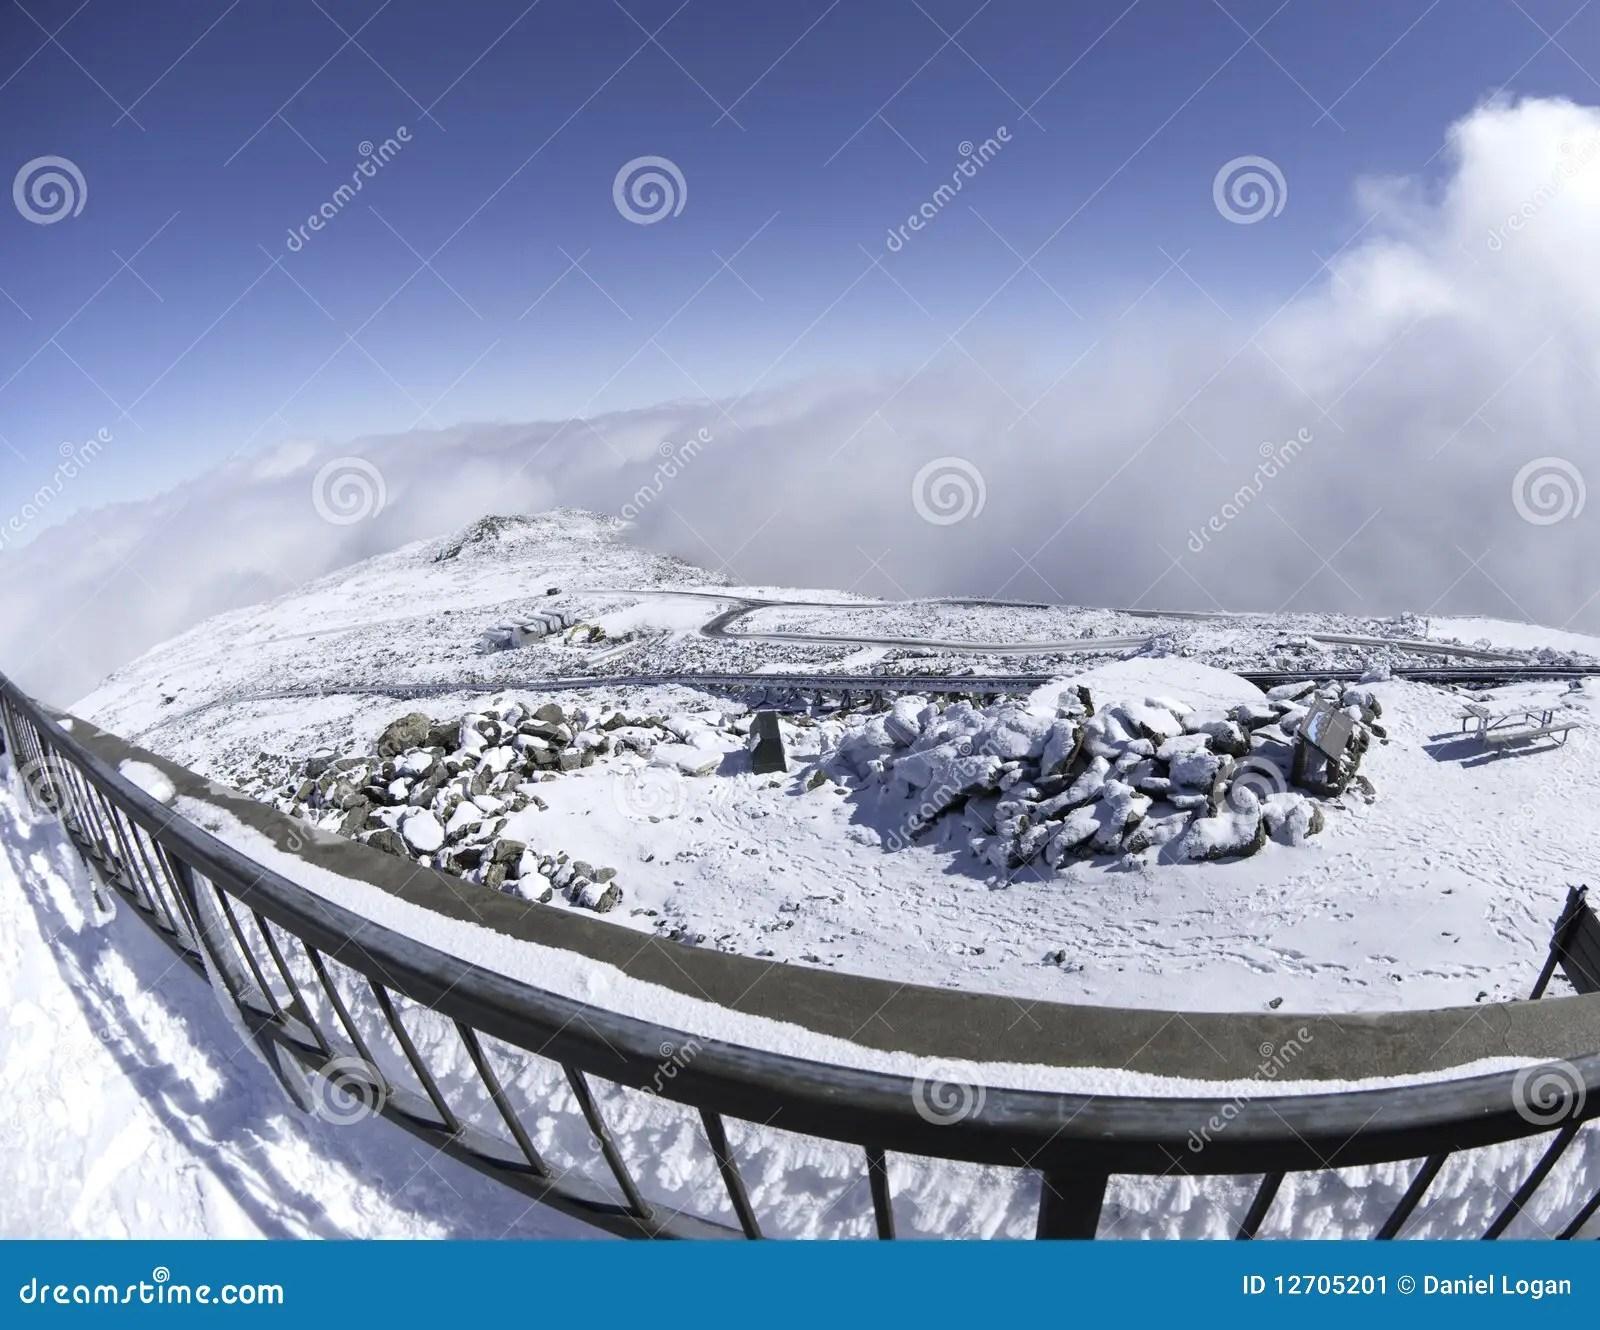 Encroaching Clouds Stock Image  Image 12705201